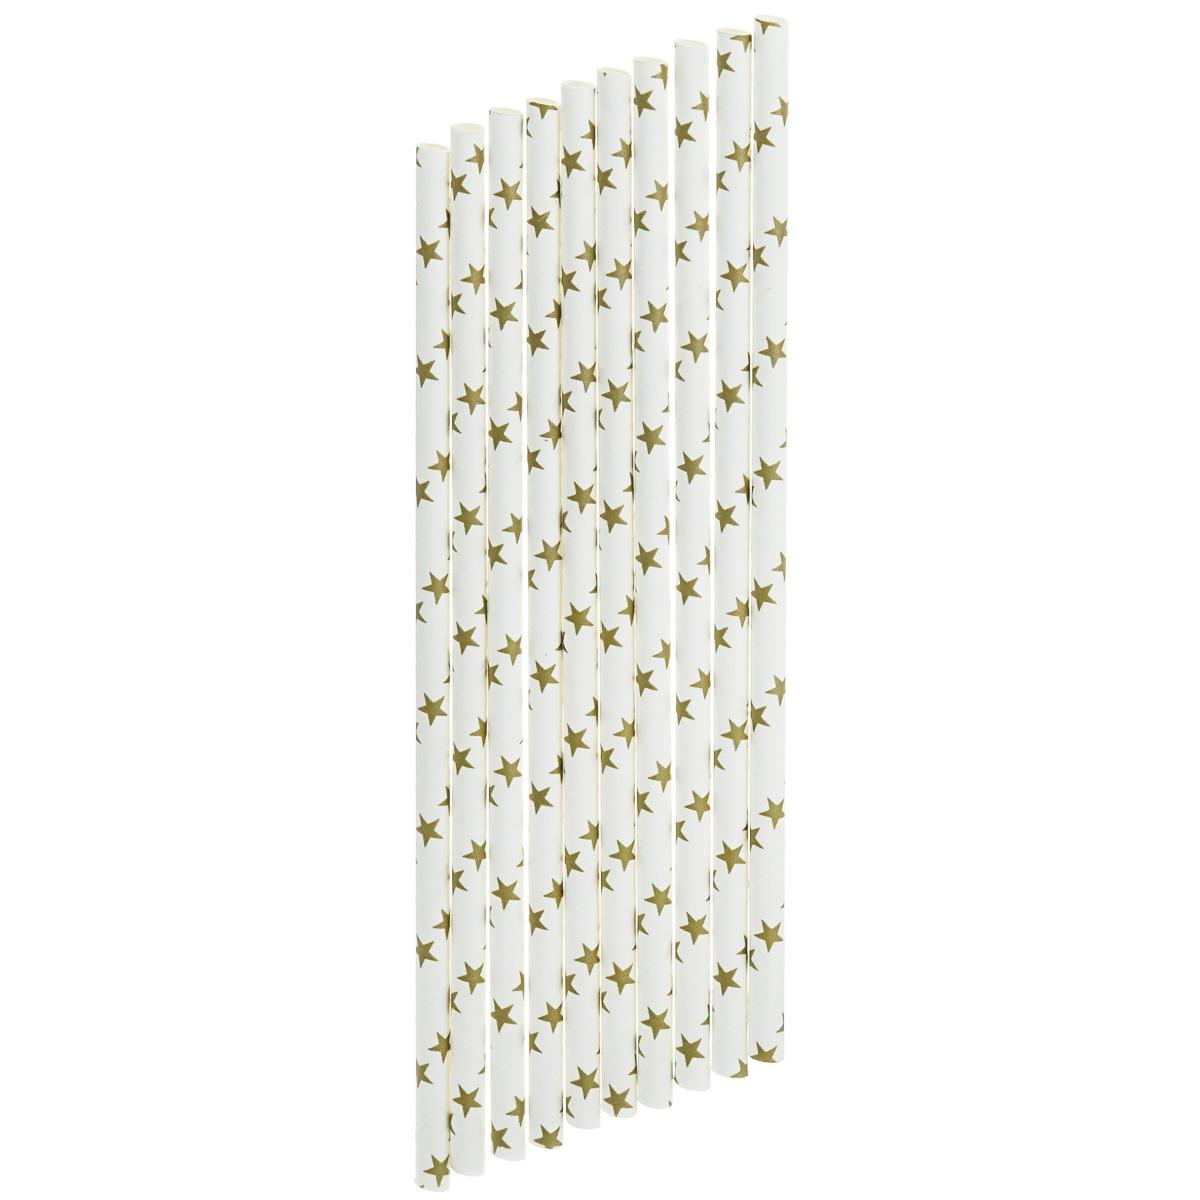 Набор бумажных трубочек Dolce Arti Звезды, цвет: белый, 10 штDA040229Набор Dolce Arti Звезды состоит из 10 бумажных трубочек, предназначенных для напитков. Цветные трубочки станут не только эффектным украшением коктейлей, но и ярким штрихом вашего сладкого стола. С набором Dolce Arti Звезды ваш праздник станет по-настоящему красочным!Длина трубочки: 19,5 см. Диаметр трубочки: 5 мм.